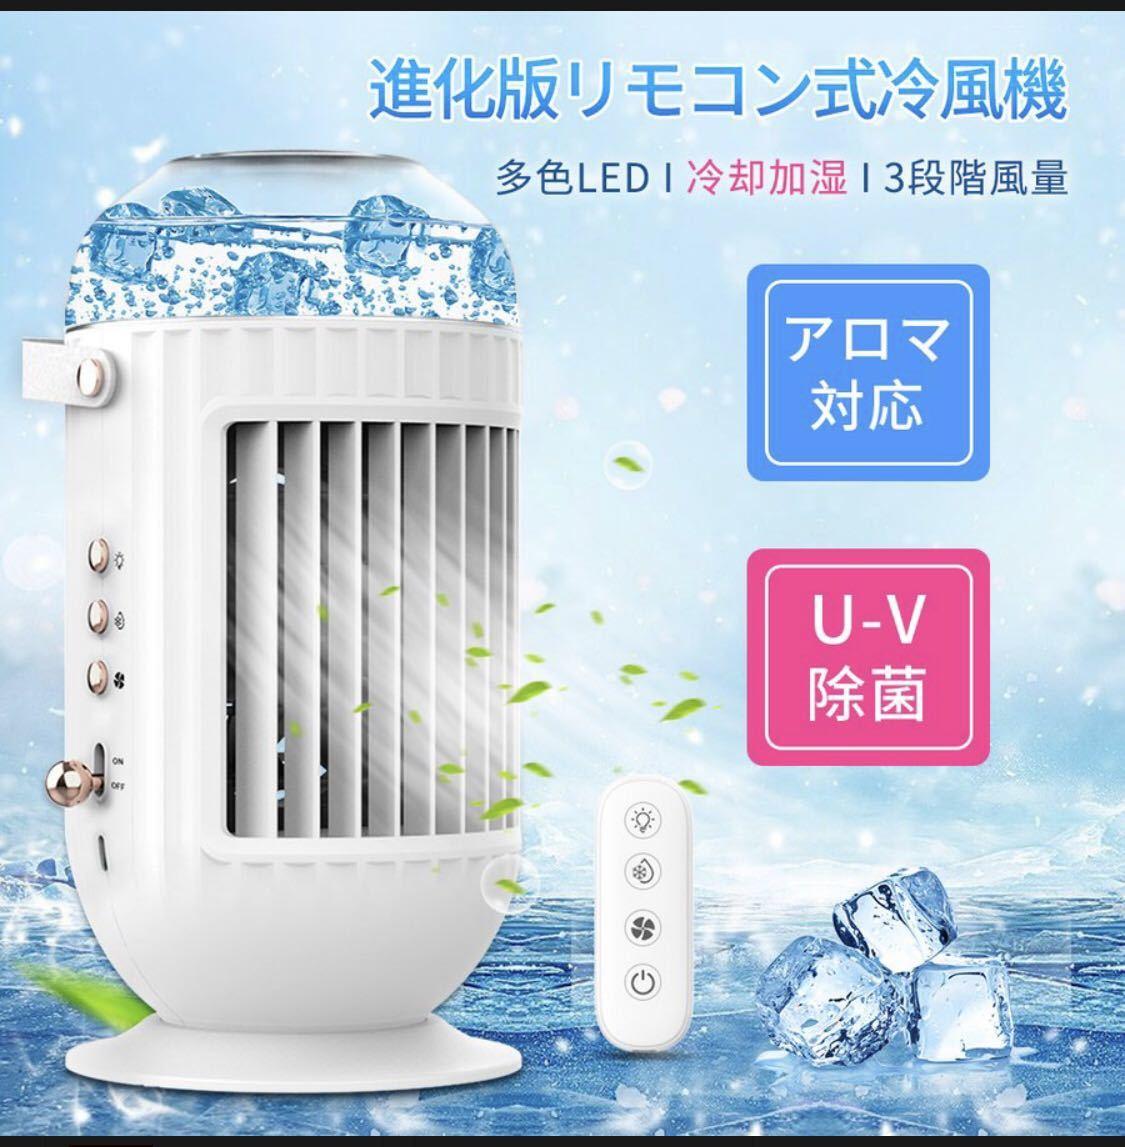 冷風扇 リモコン ミスト 卓上 冷風機 USB給電 扇風機 冷却 加湿 空気浄化 1台多役 3段階風量 多色LEDライト アロマ対応 ホワイト_画像4